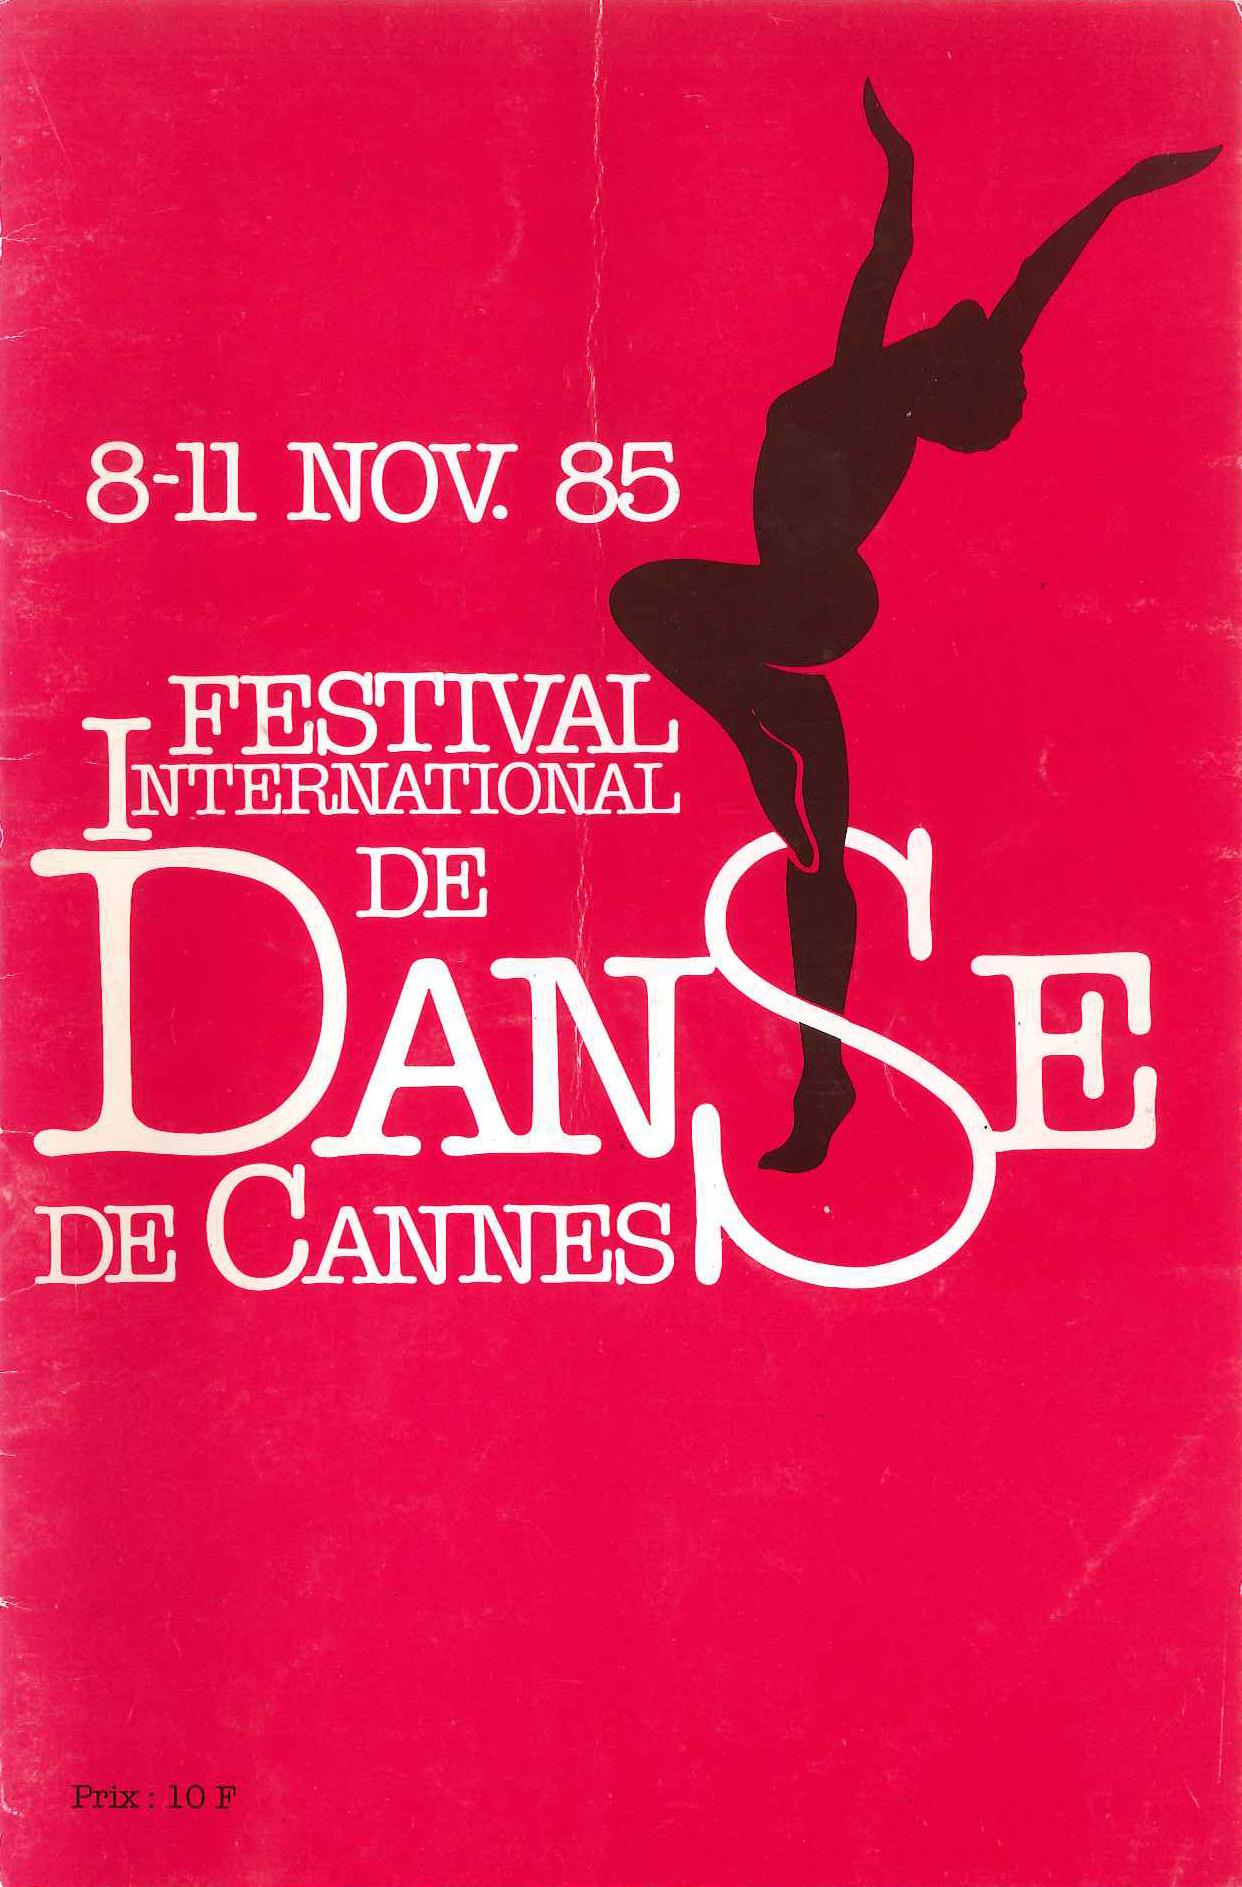 Festival de Danse Cannes 1985